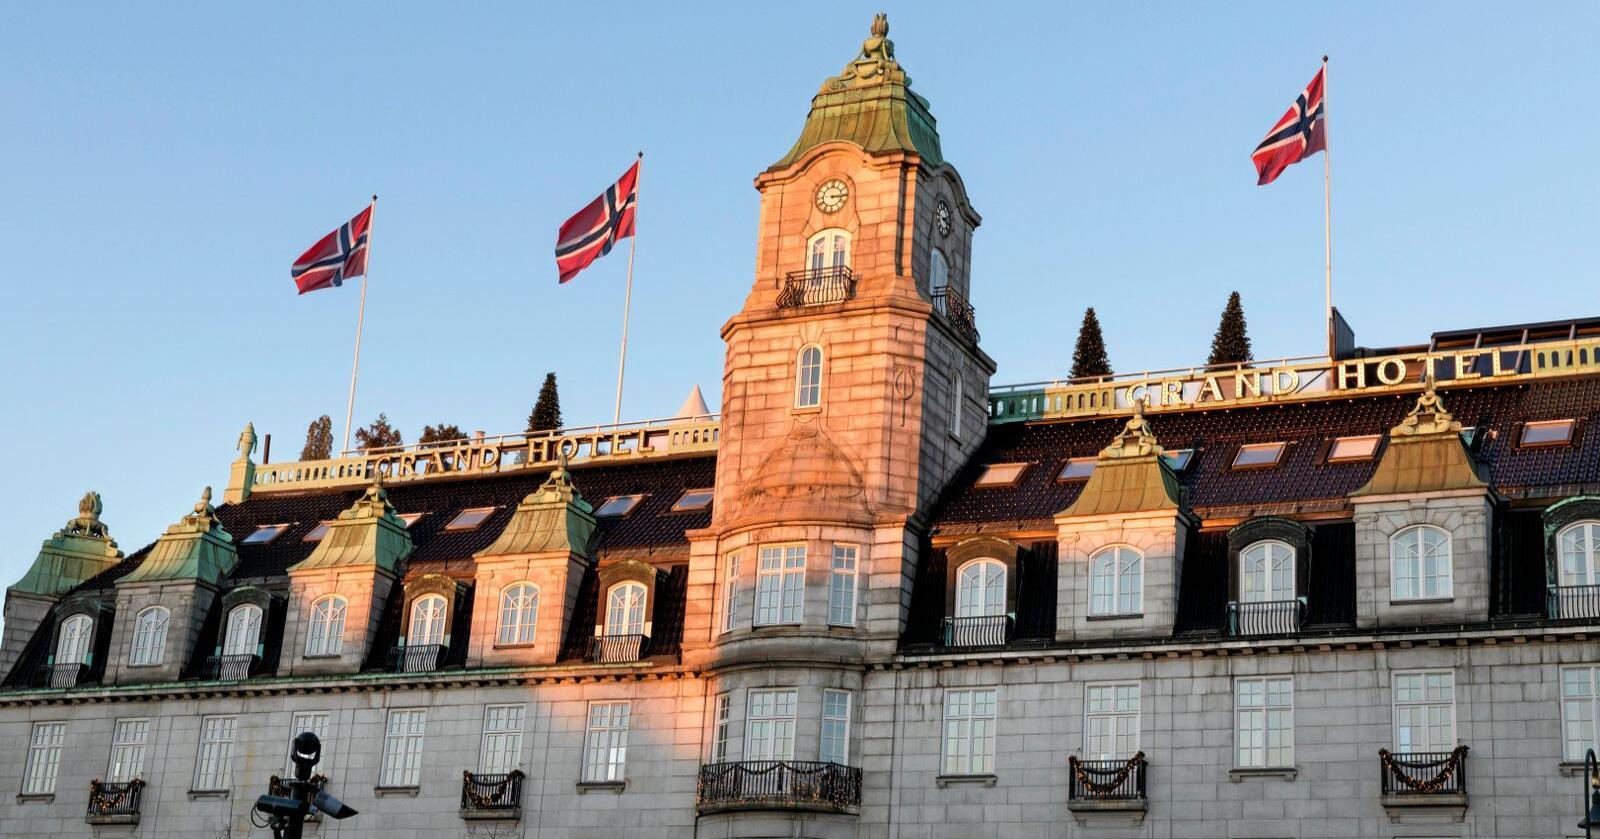 Grand Hotell: Her hadde Rococo-rådmennene hjemme-alene-fest. Foto: Gorm Kallestad / NTB scanpix